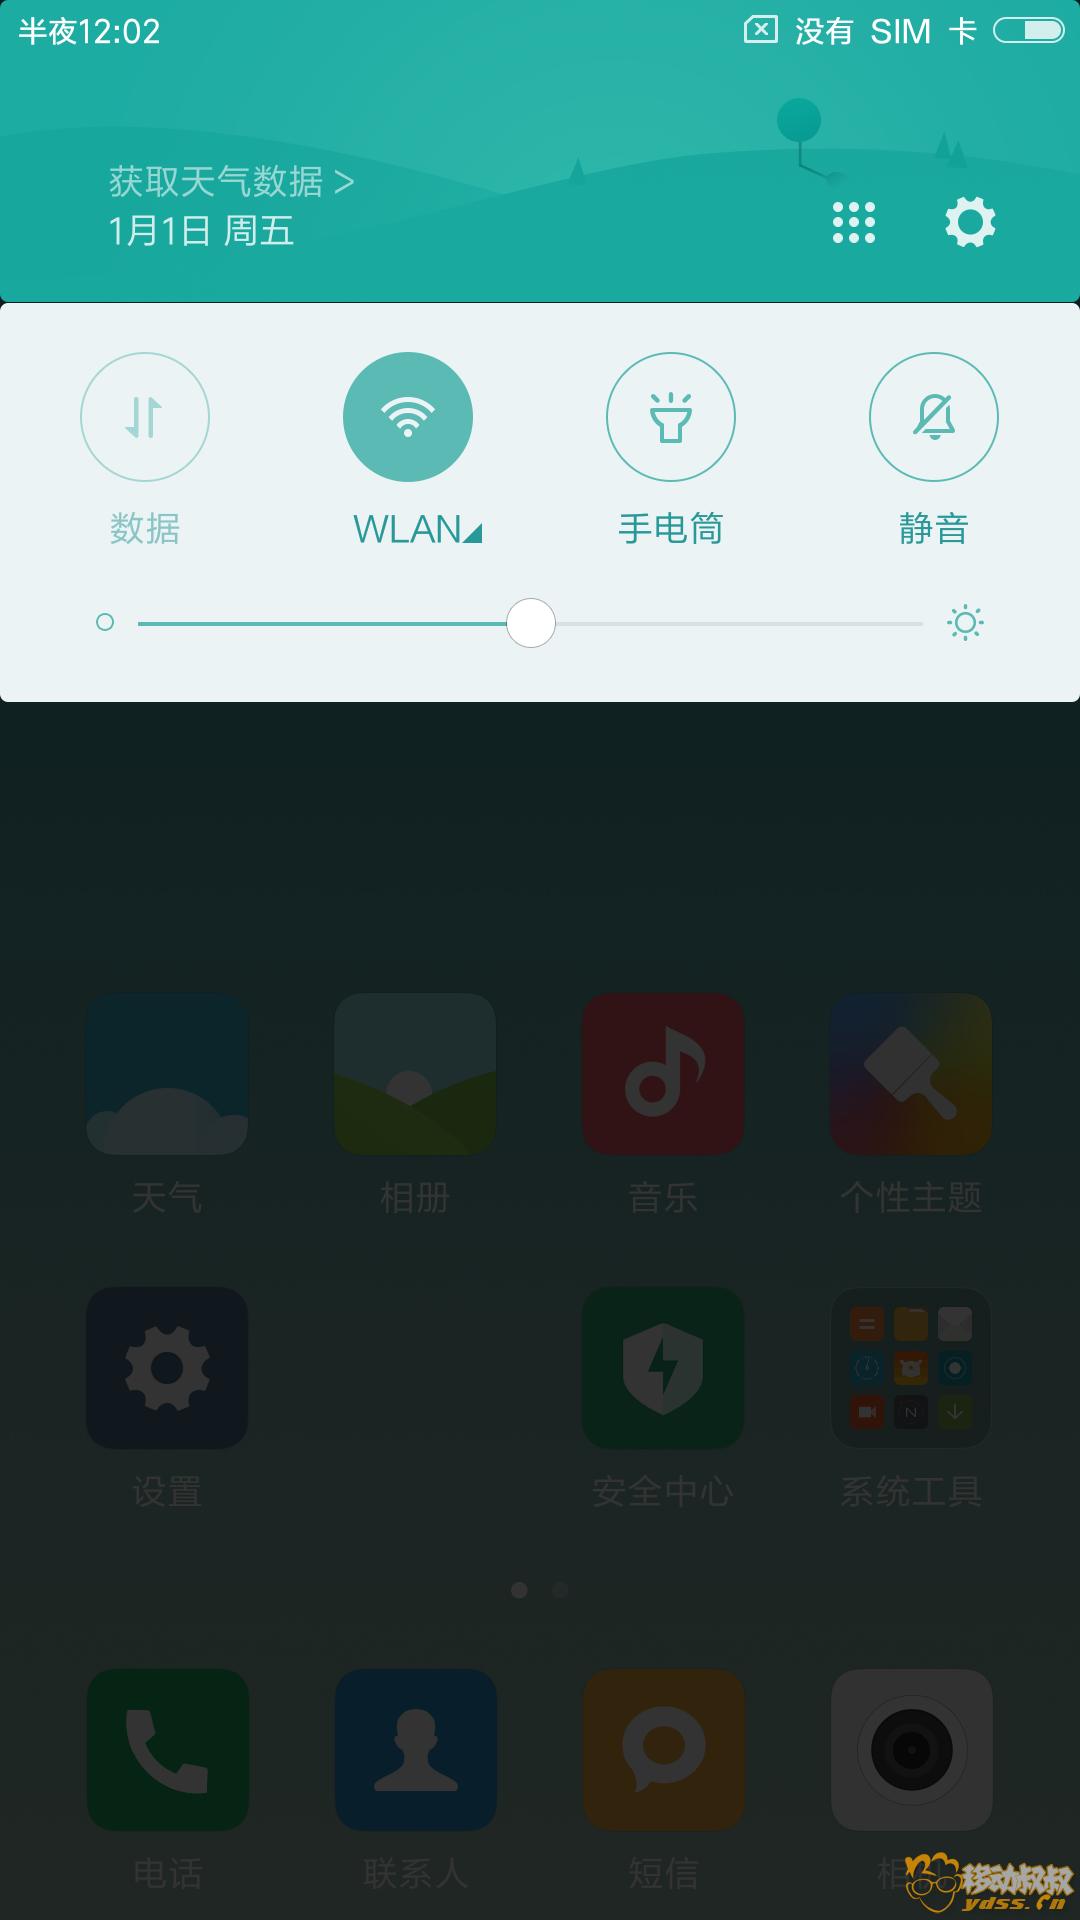 Screenshot_2016-01-01-00-02-02-083_com.miui.home.png